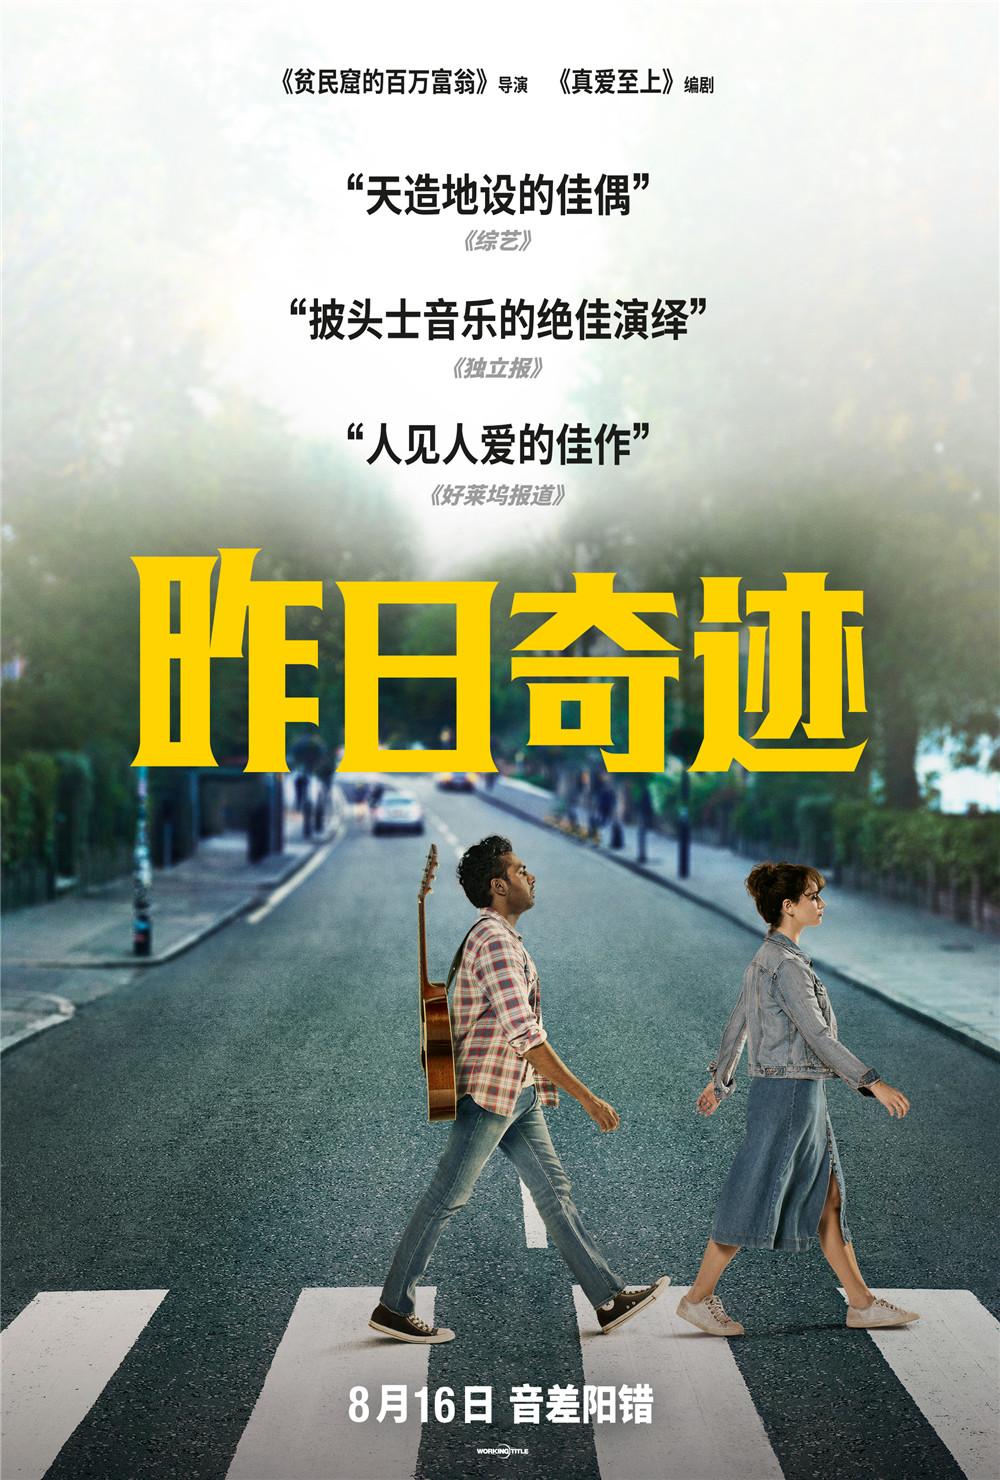 奥斯卡最佳导演丹尼·博伊尔新片《昨日奇迹》8月内地上映